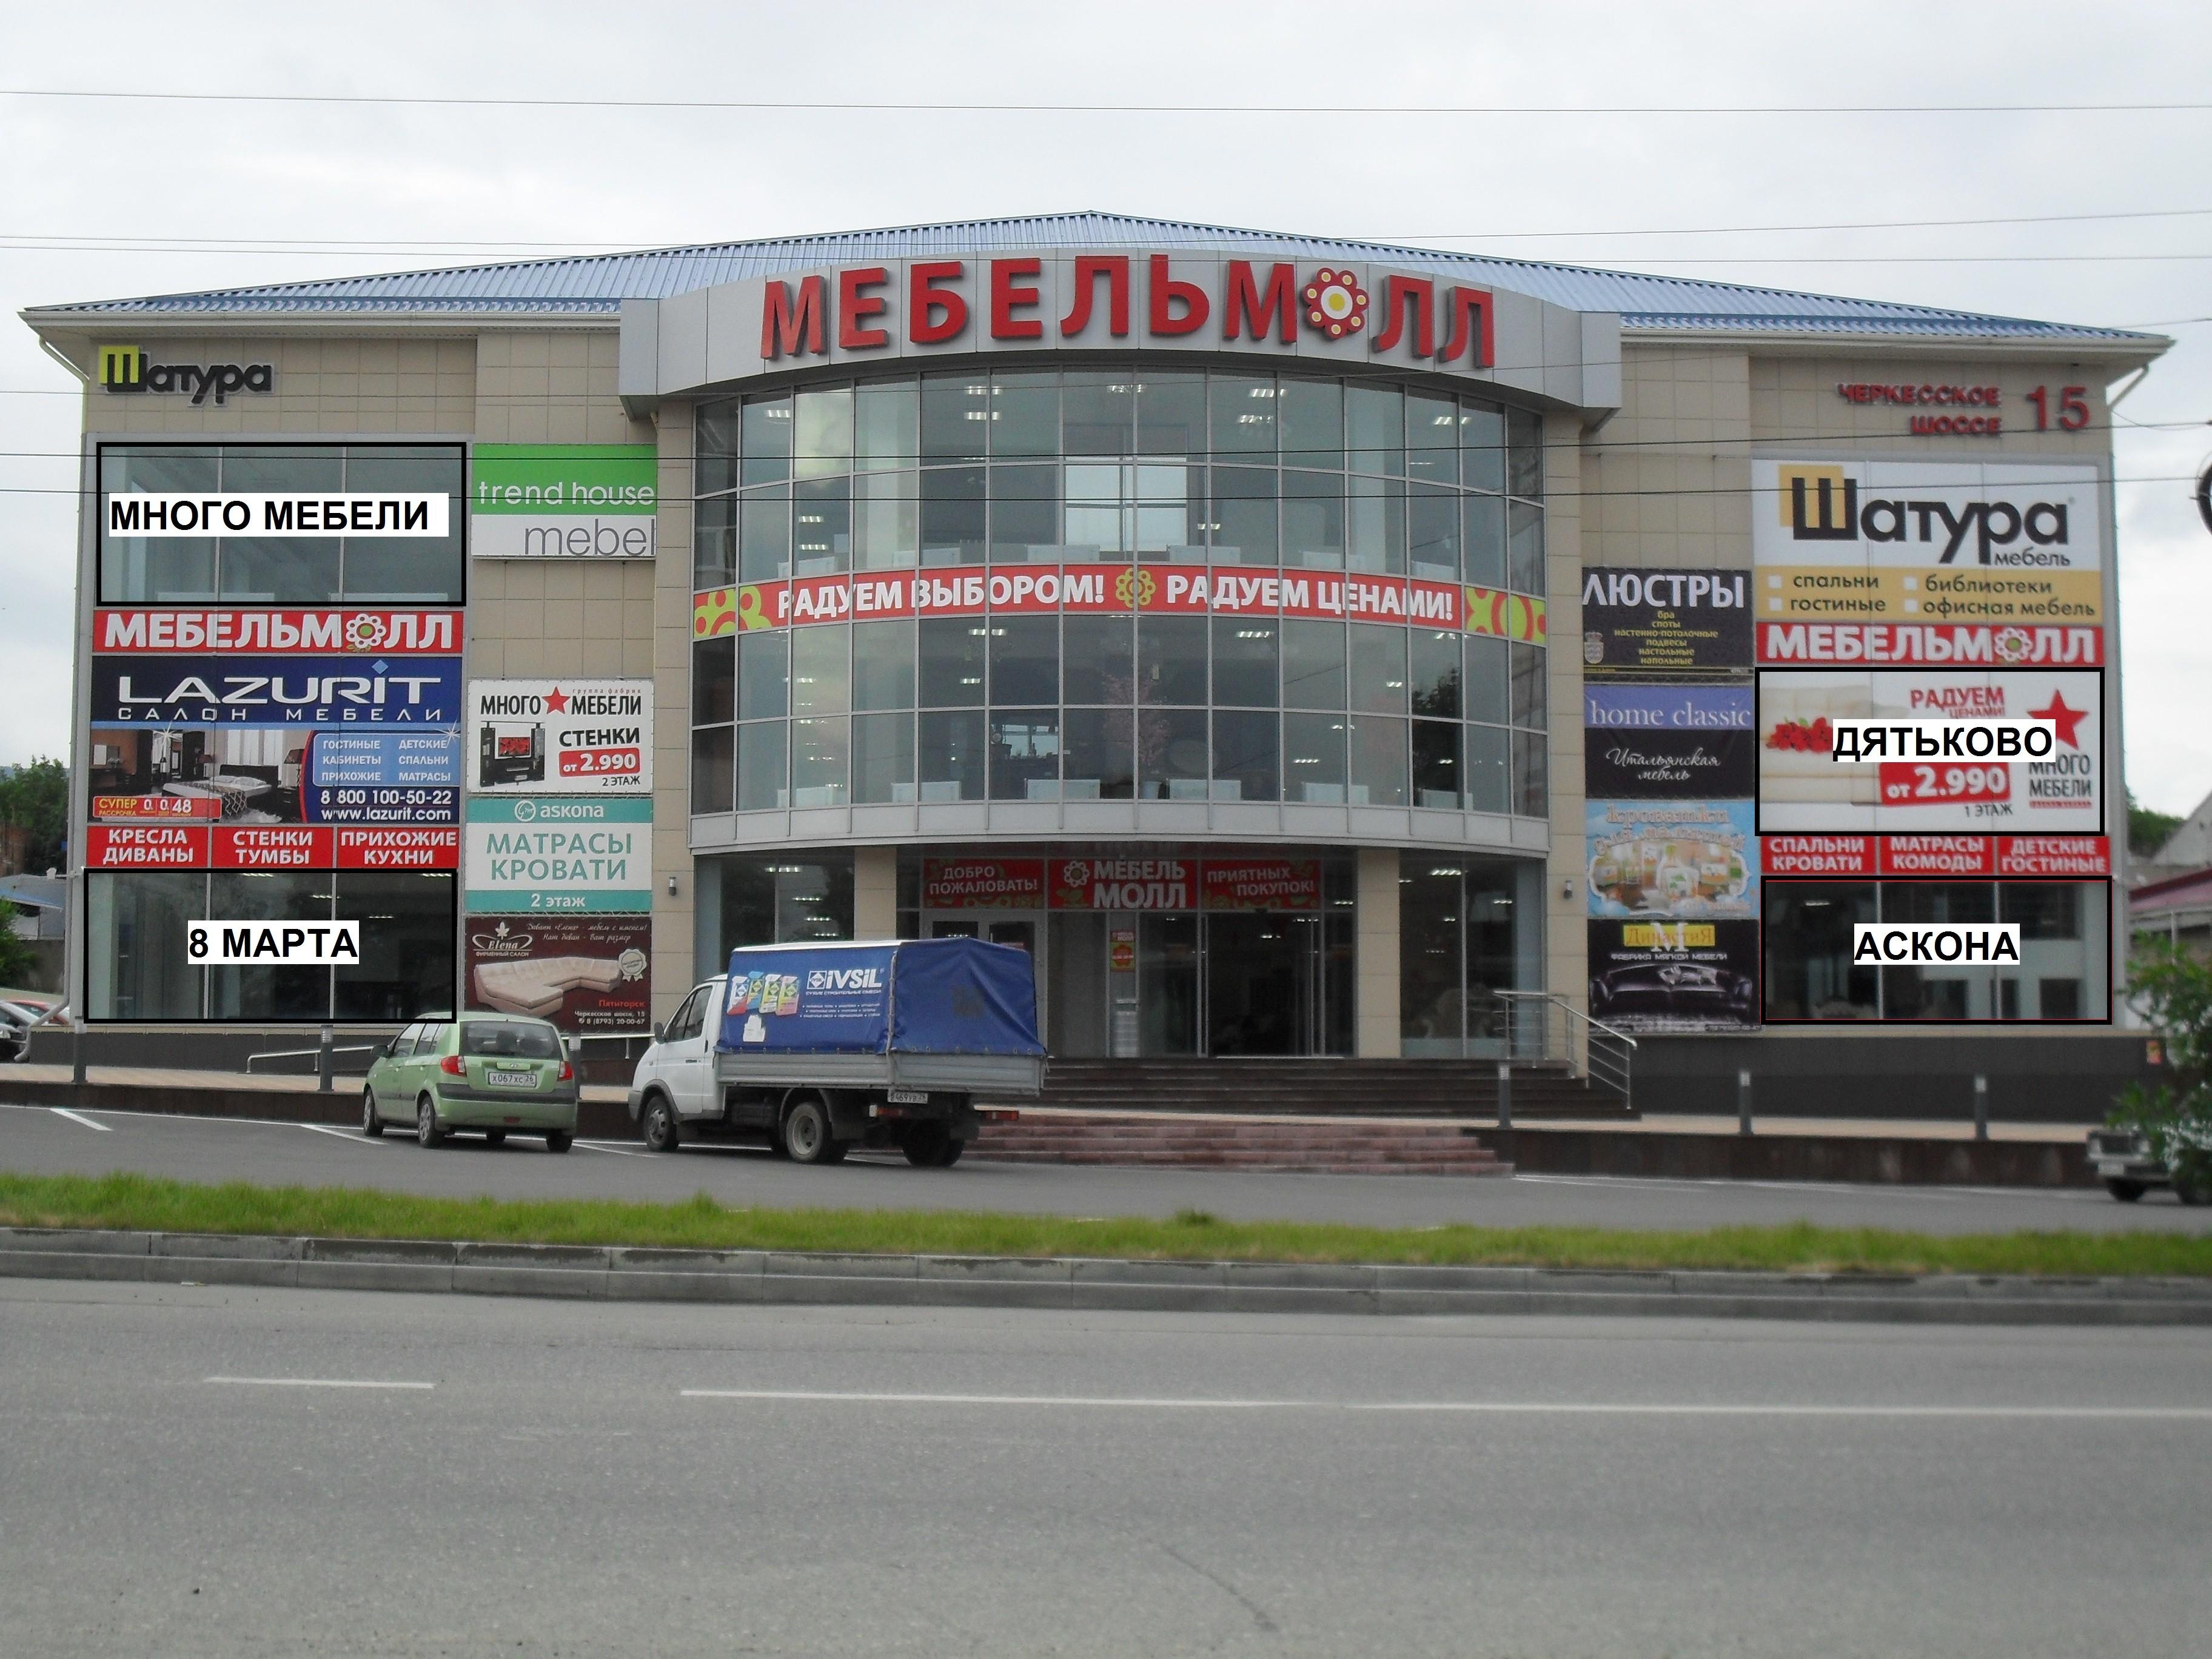 Мебельмолл, торговый центр в пятигорске (кмв) - отзыв и оцен.